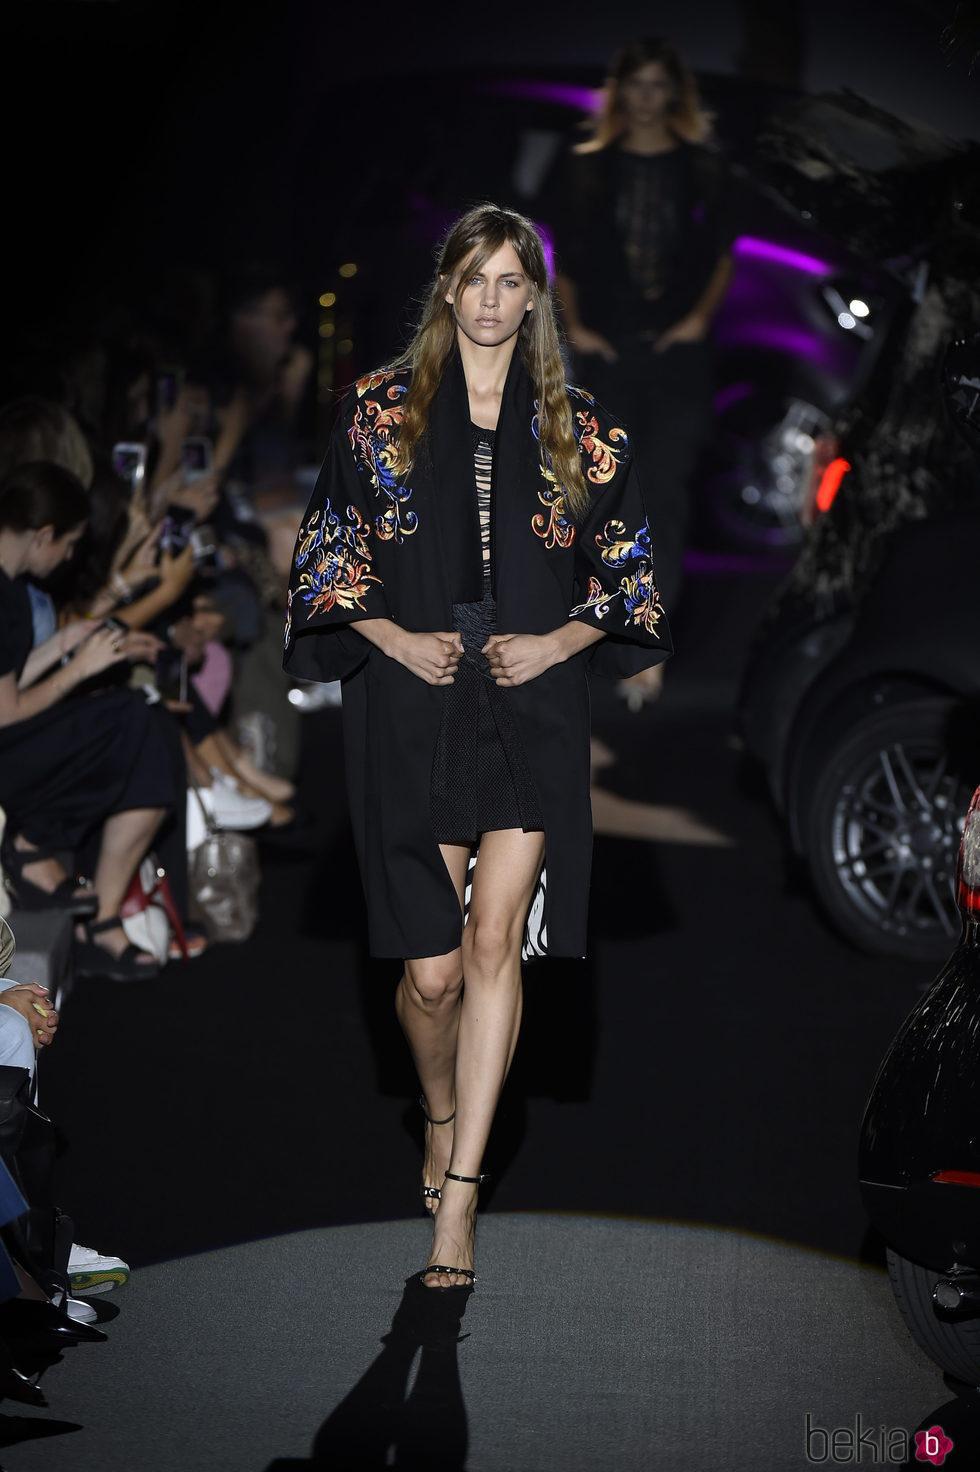 Chaqueta estilo japonés negra con flores de colores bordadas de Alvarno colección primavera/verano 2017 para Madrid Fashion Week